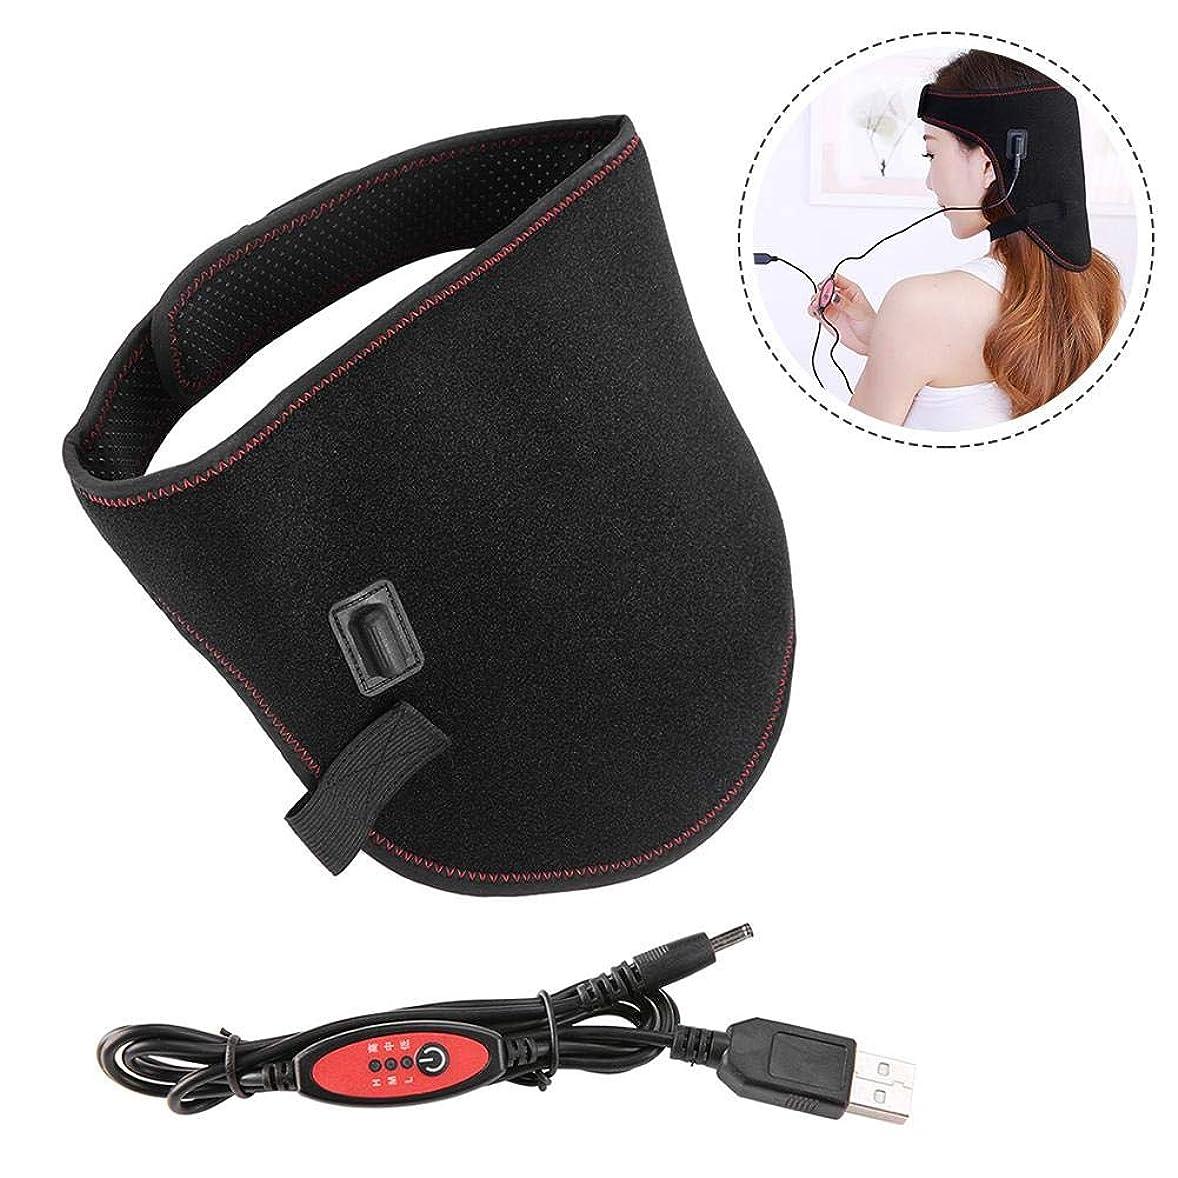 遅れ聡明聡明加熱ネックベルト、usbネオプレン電気赤外線温度制御加熱熱い圧縮ヘッド保護ラップにケア頭痛ホームオフィスの使用